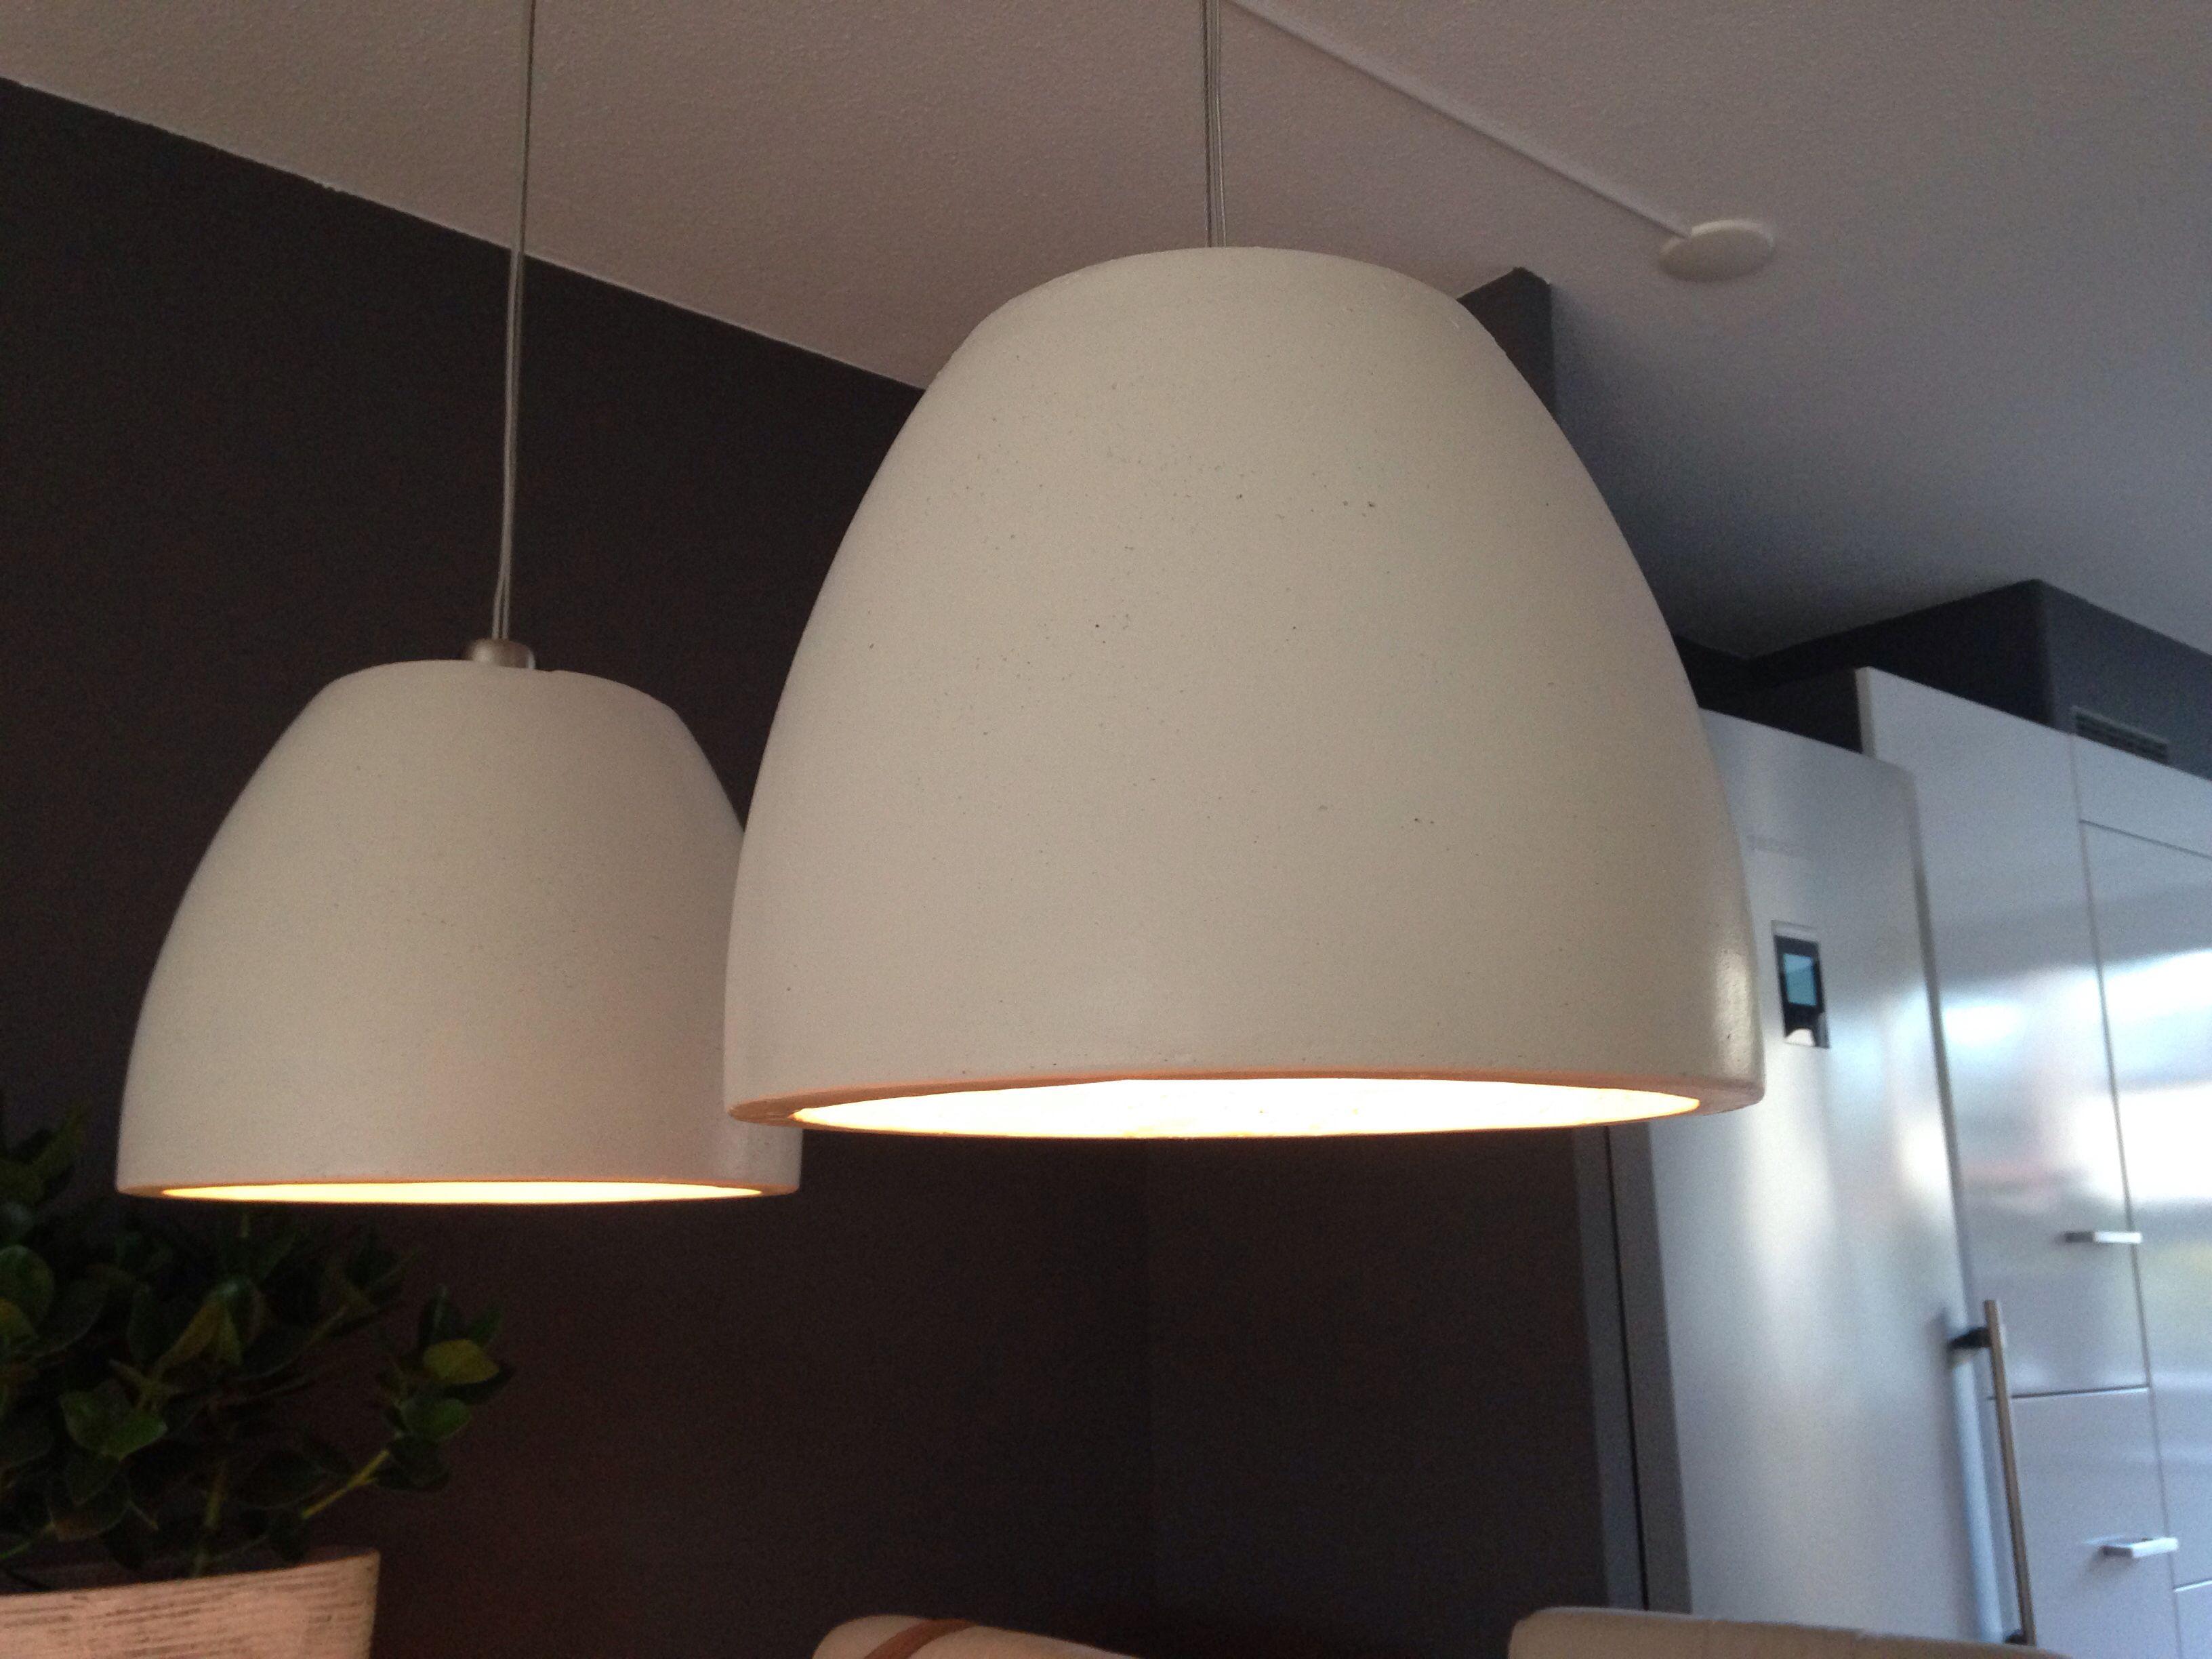 Eetkamer lampen vervaardigd van bloempotten, geverfd in een crème ...